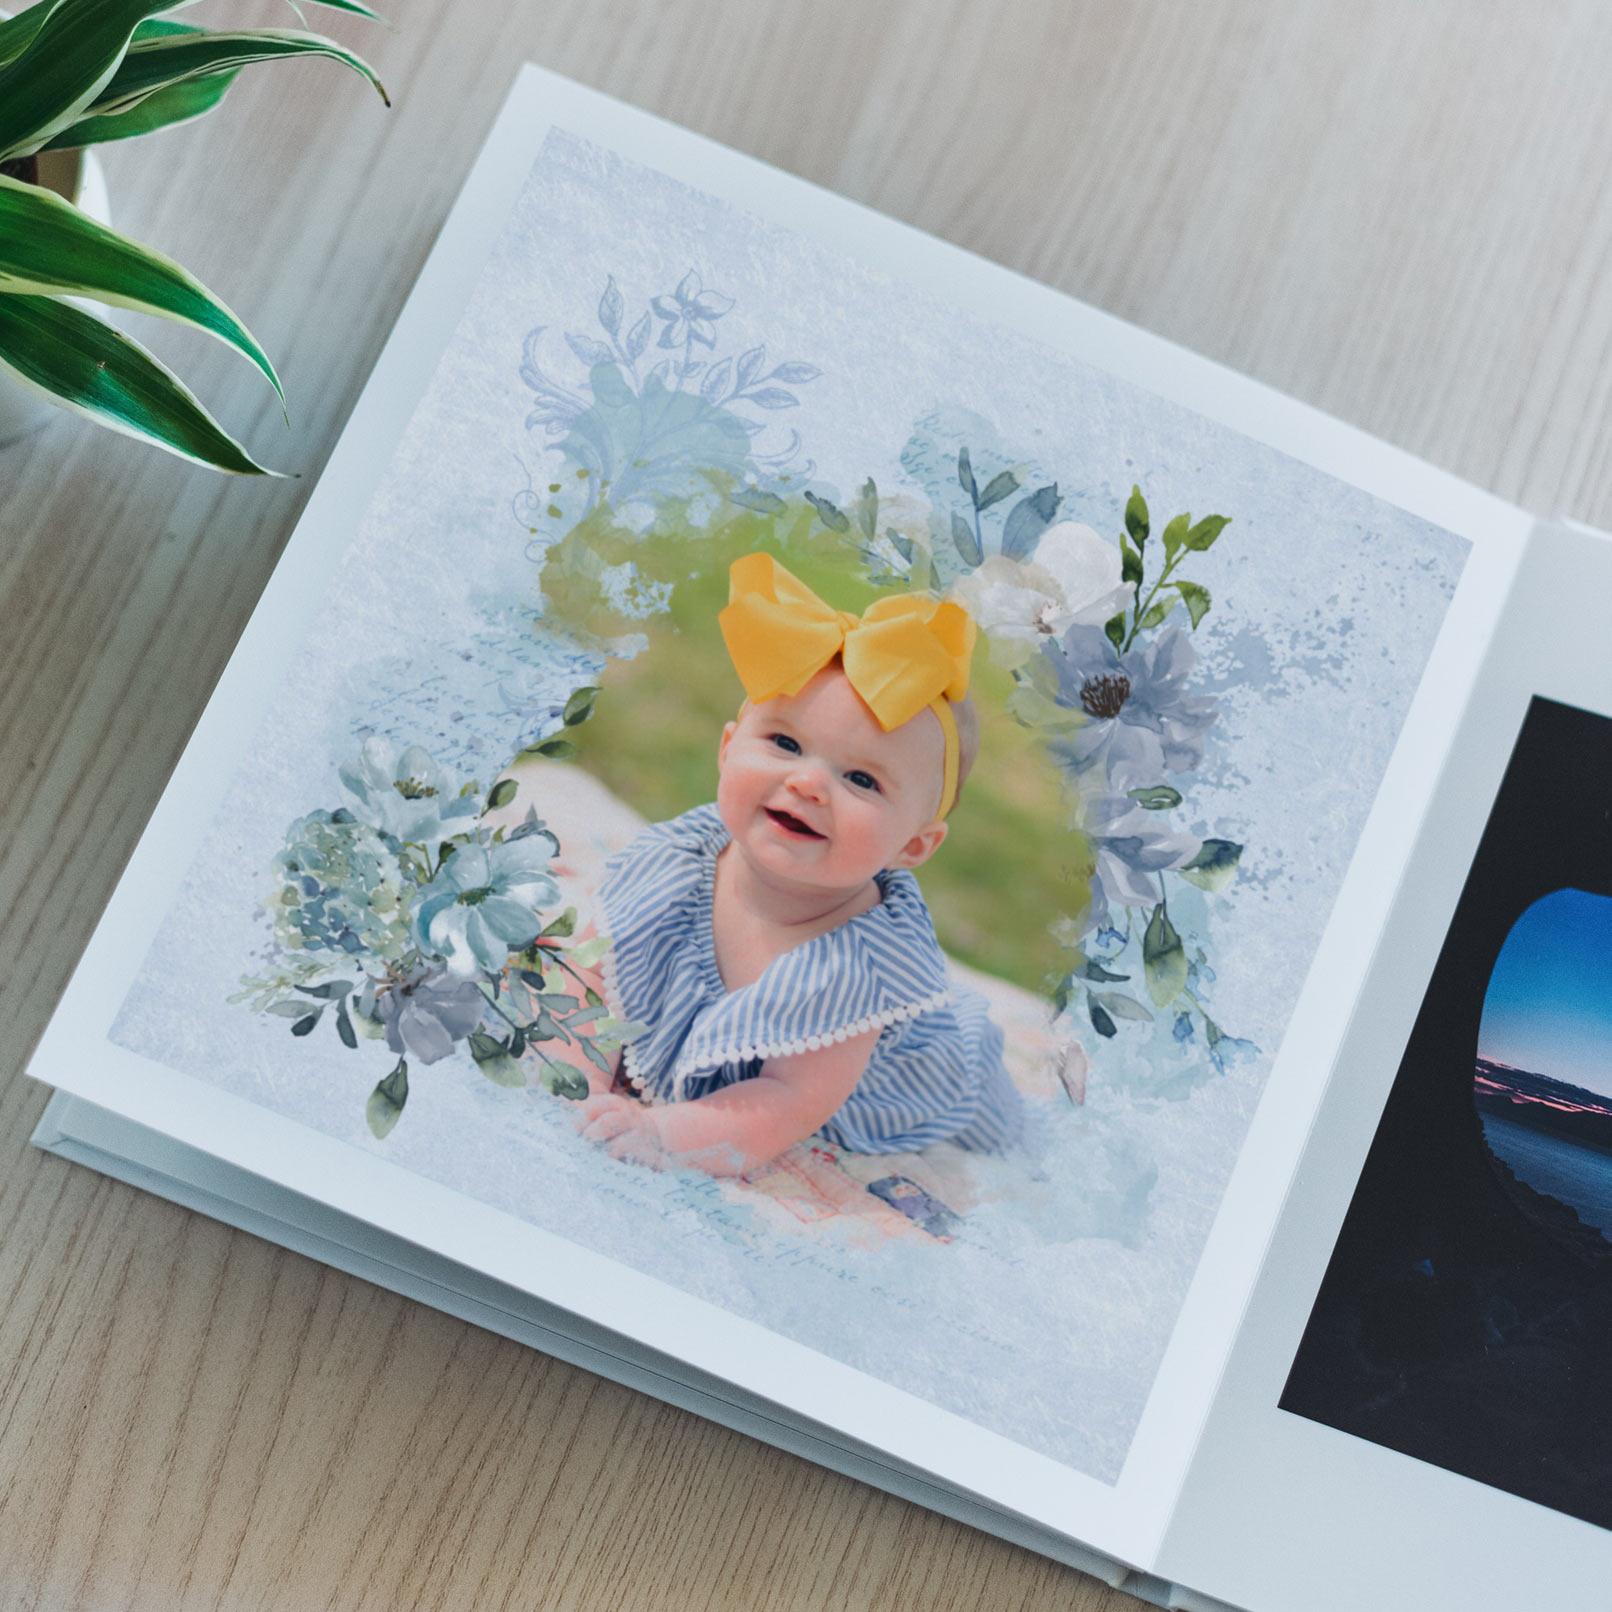 Foto eines Babys in einem Aquarell-Rahmen mit Blumen, ausgedruckt in einem Fotobuch